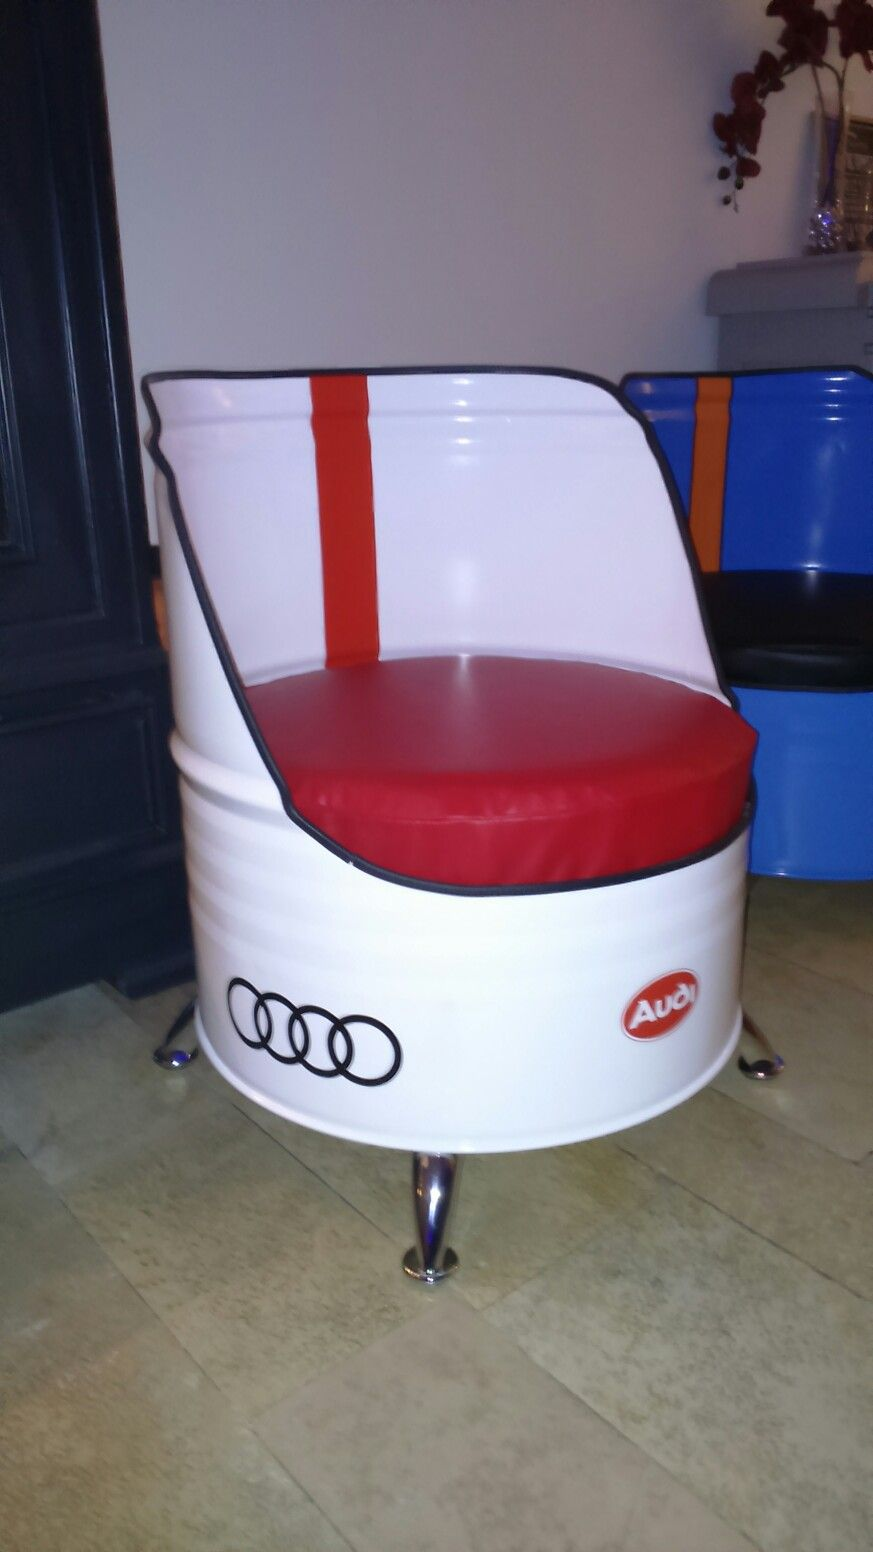 Pin de Quentin Allison en 44 gallon drum seats | Pinterest | Tambor ...